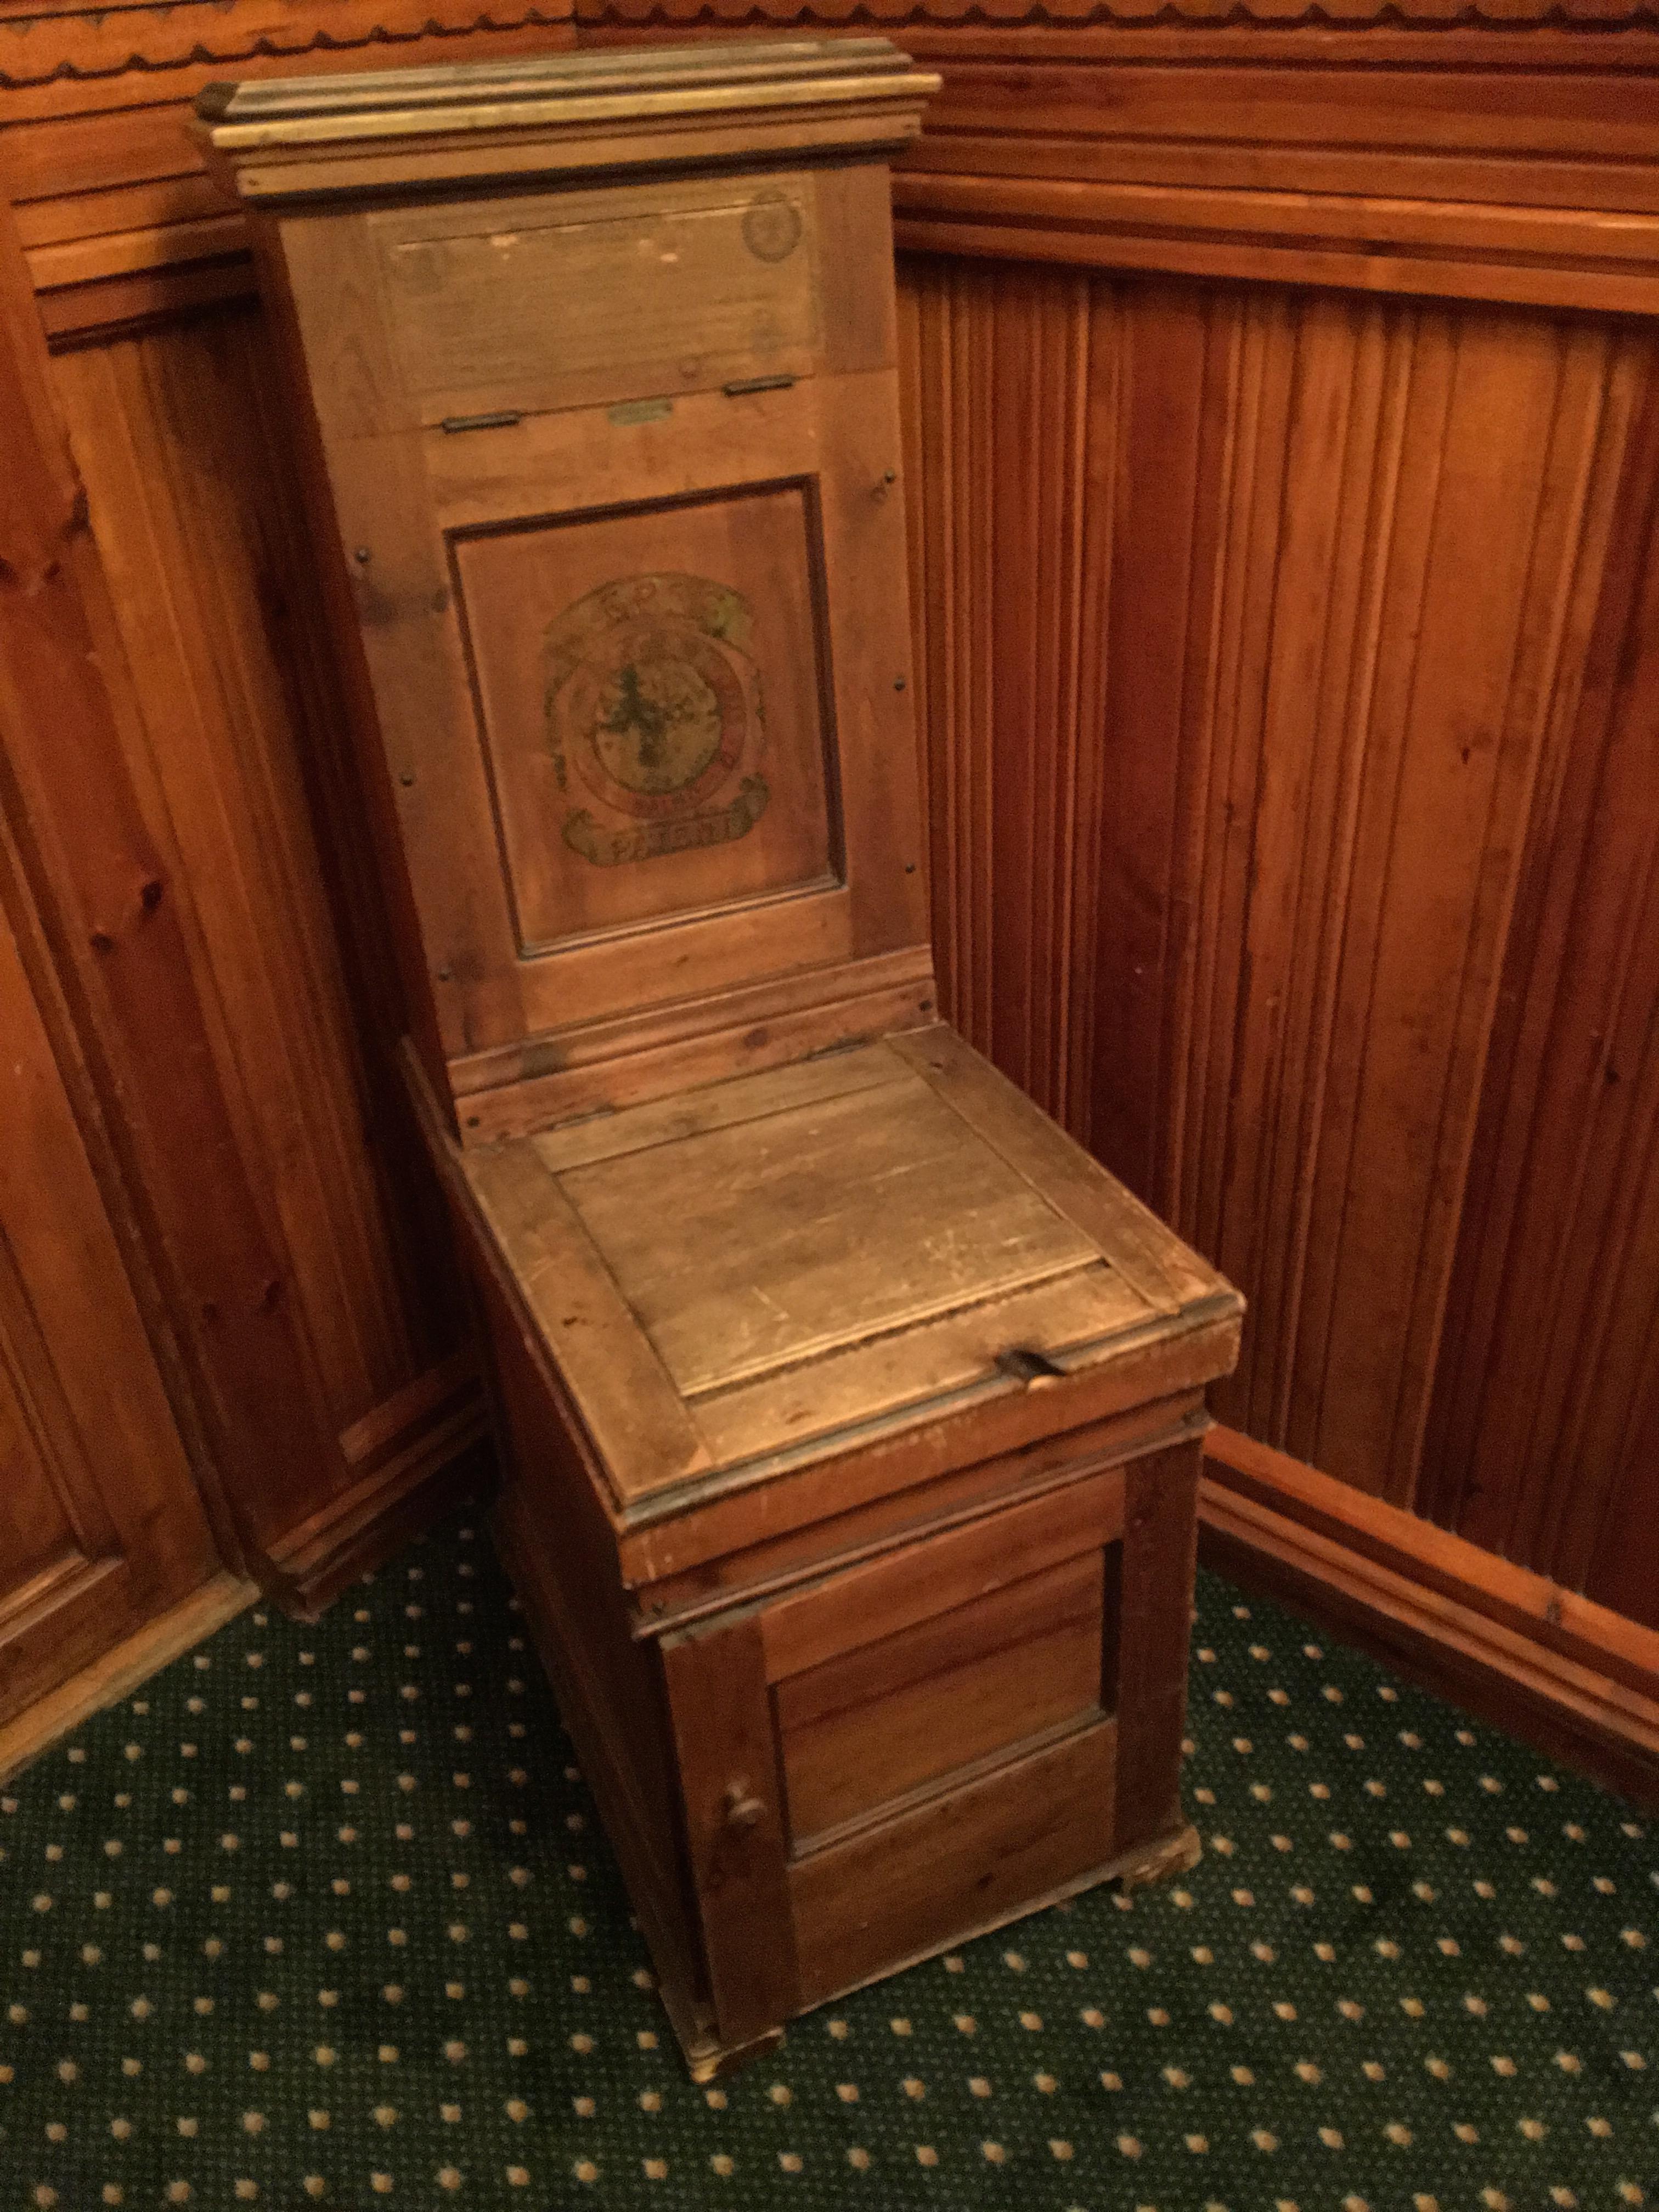 File:Swedish Toilet Chair 1890s Historical Fleischeru0027s Hotel Voss, Norway  2016 10